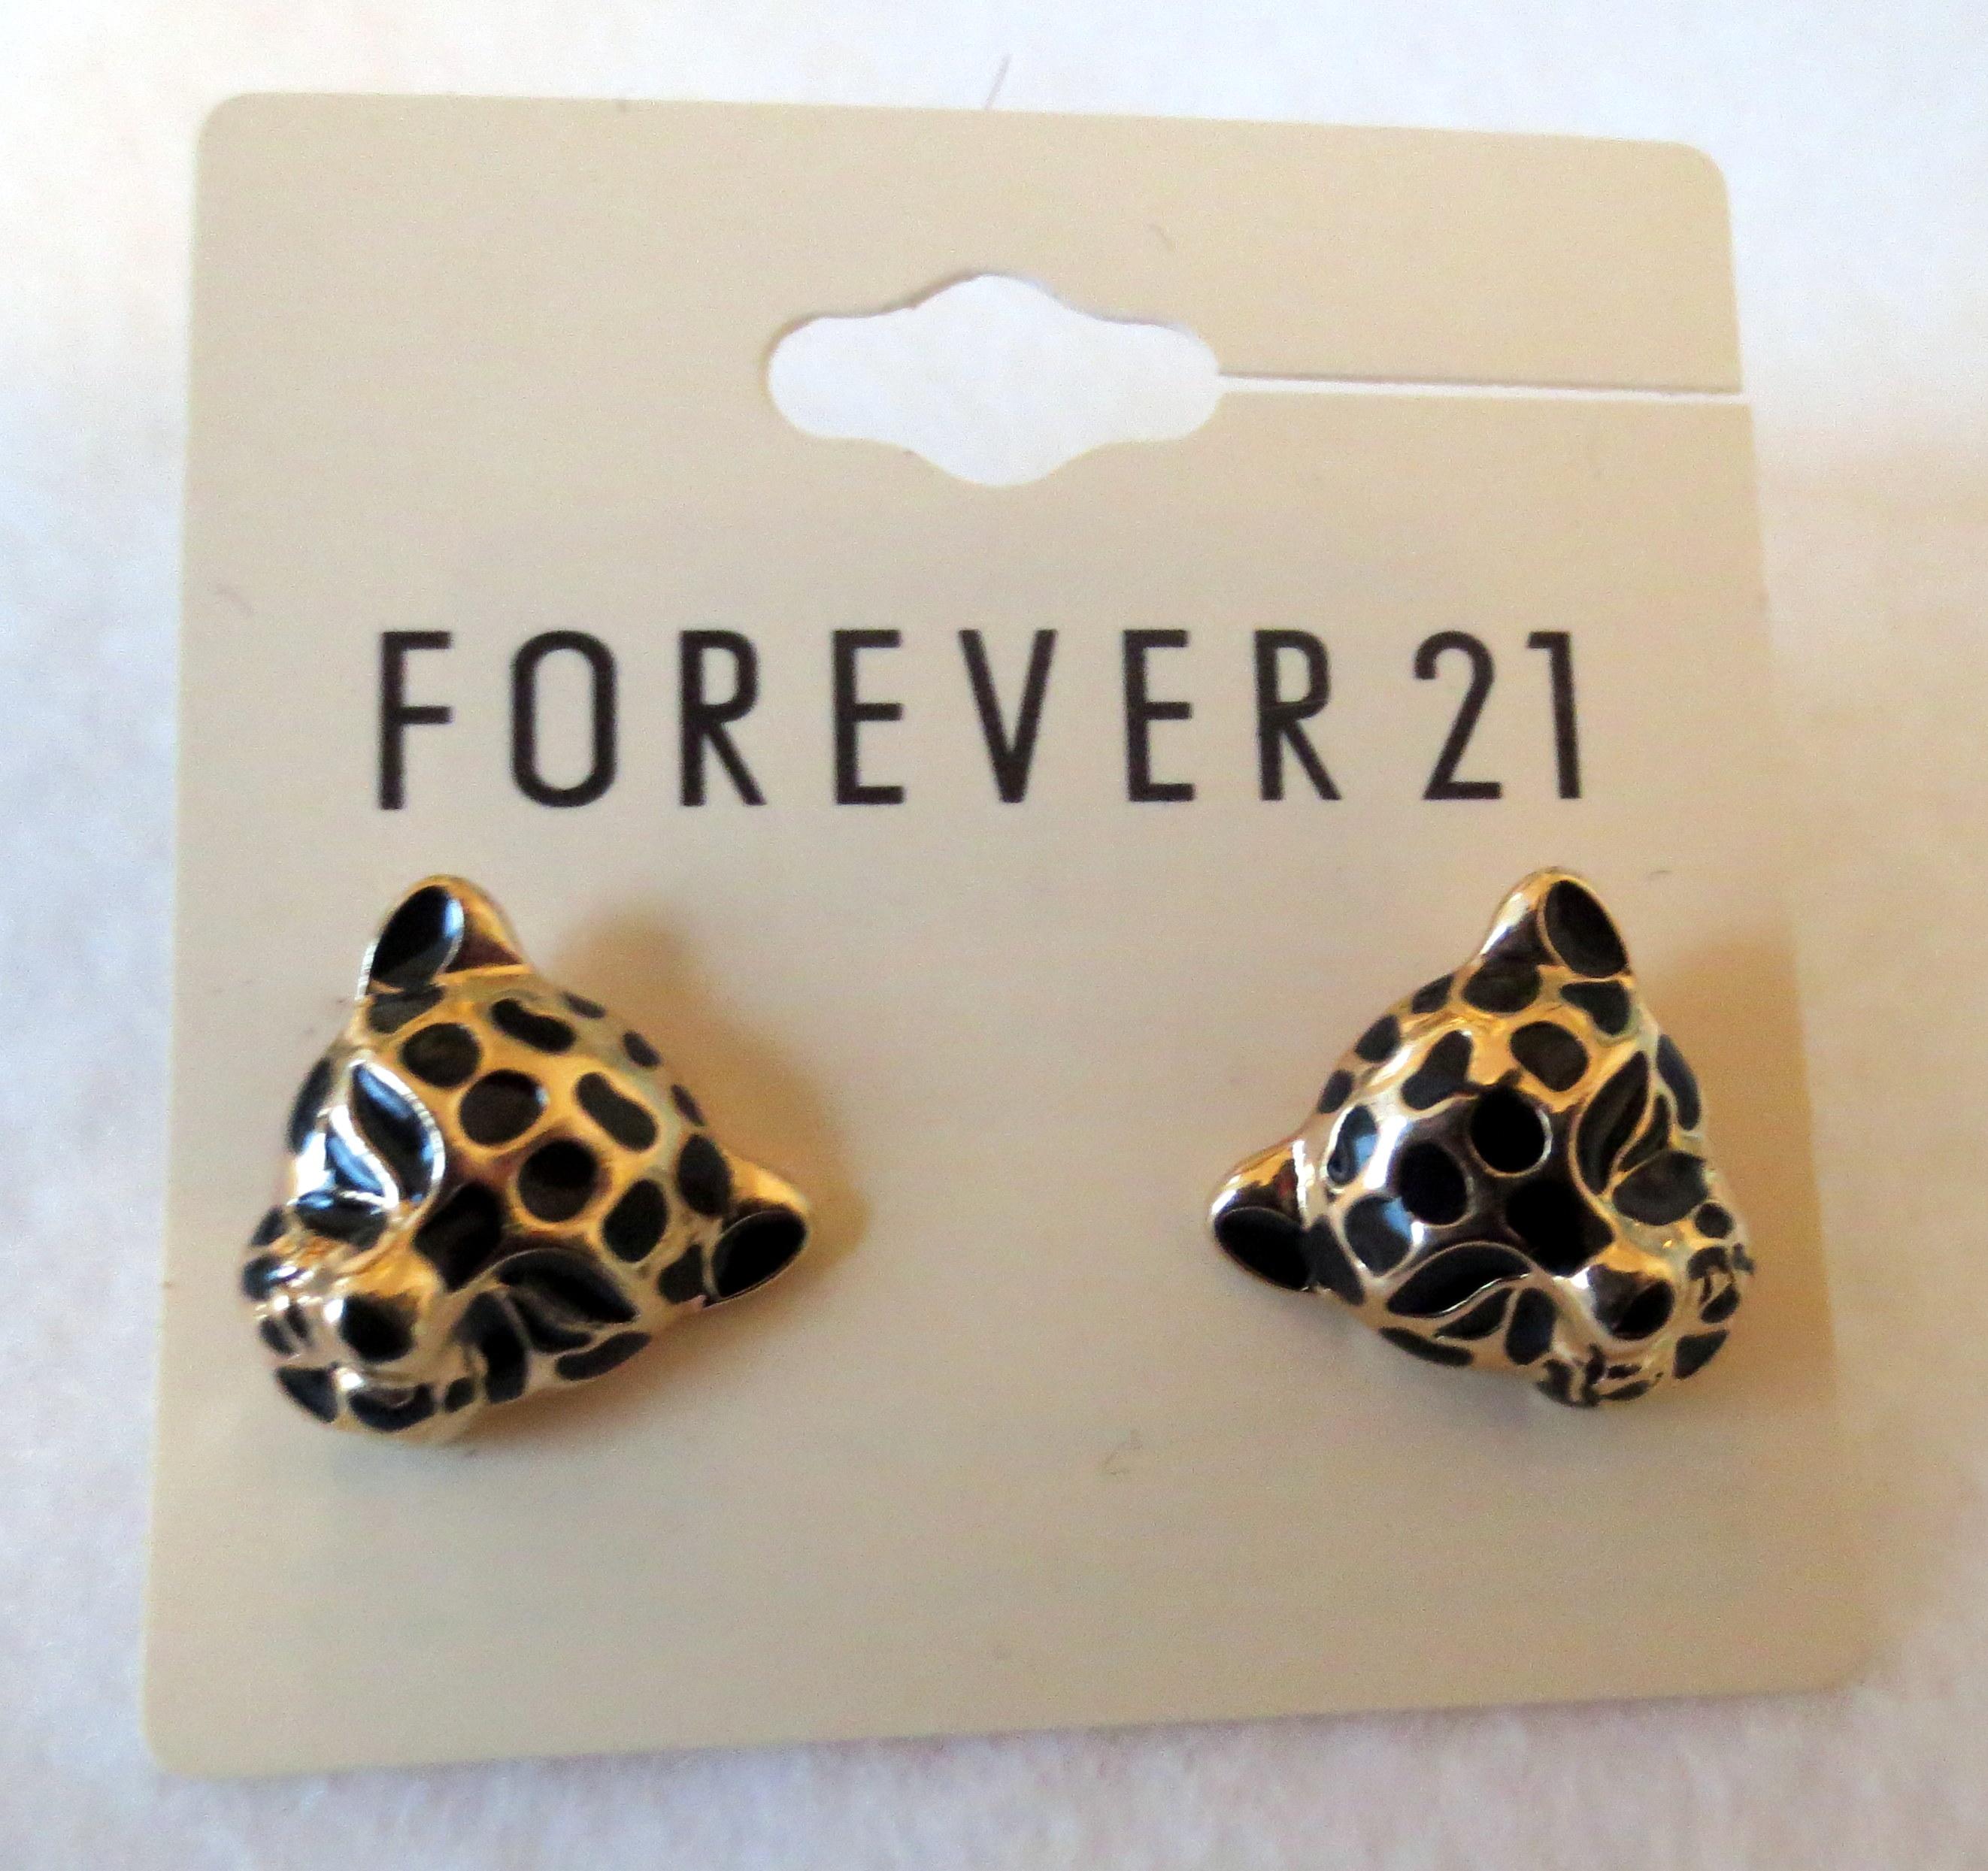 Forever 21 leopard earrings for Forever 21 jewelry earrings